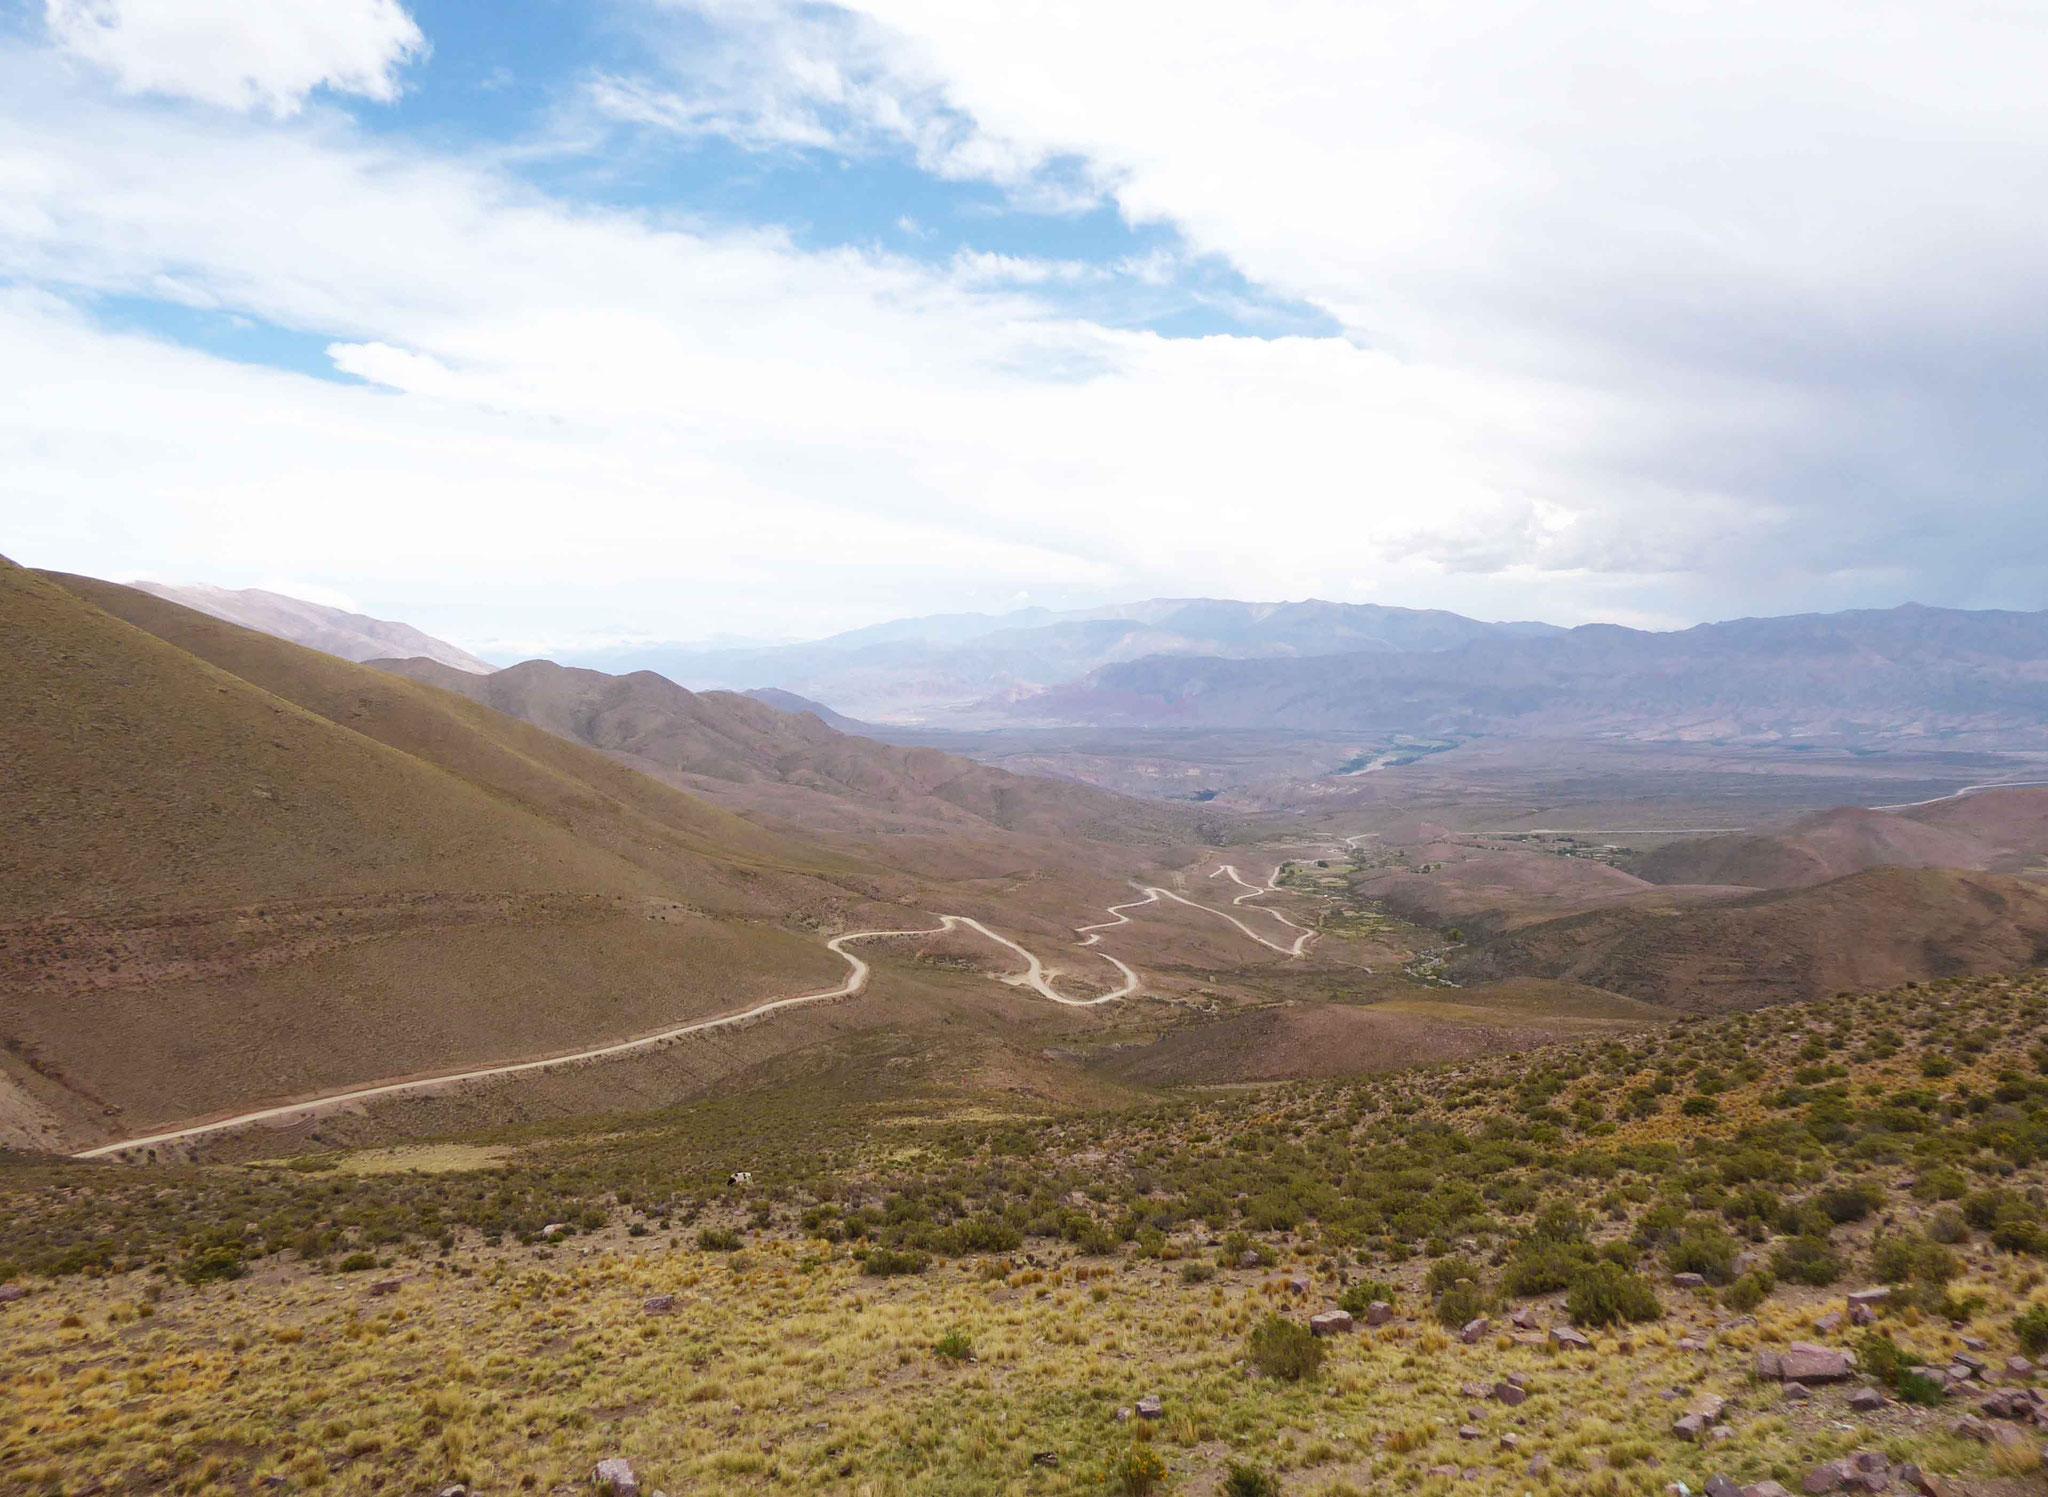 De là, à plus de 4000 m, on domine toute la quebrada de Humahuaca